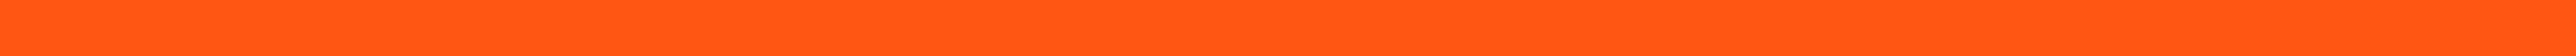 Orange Line Divider